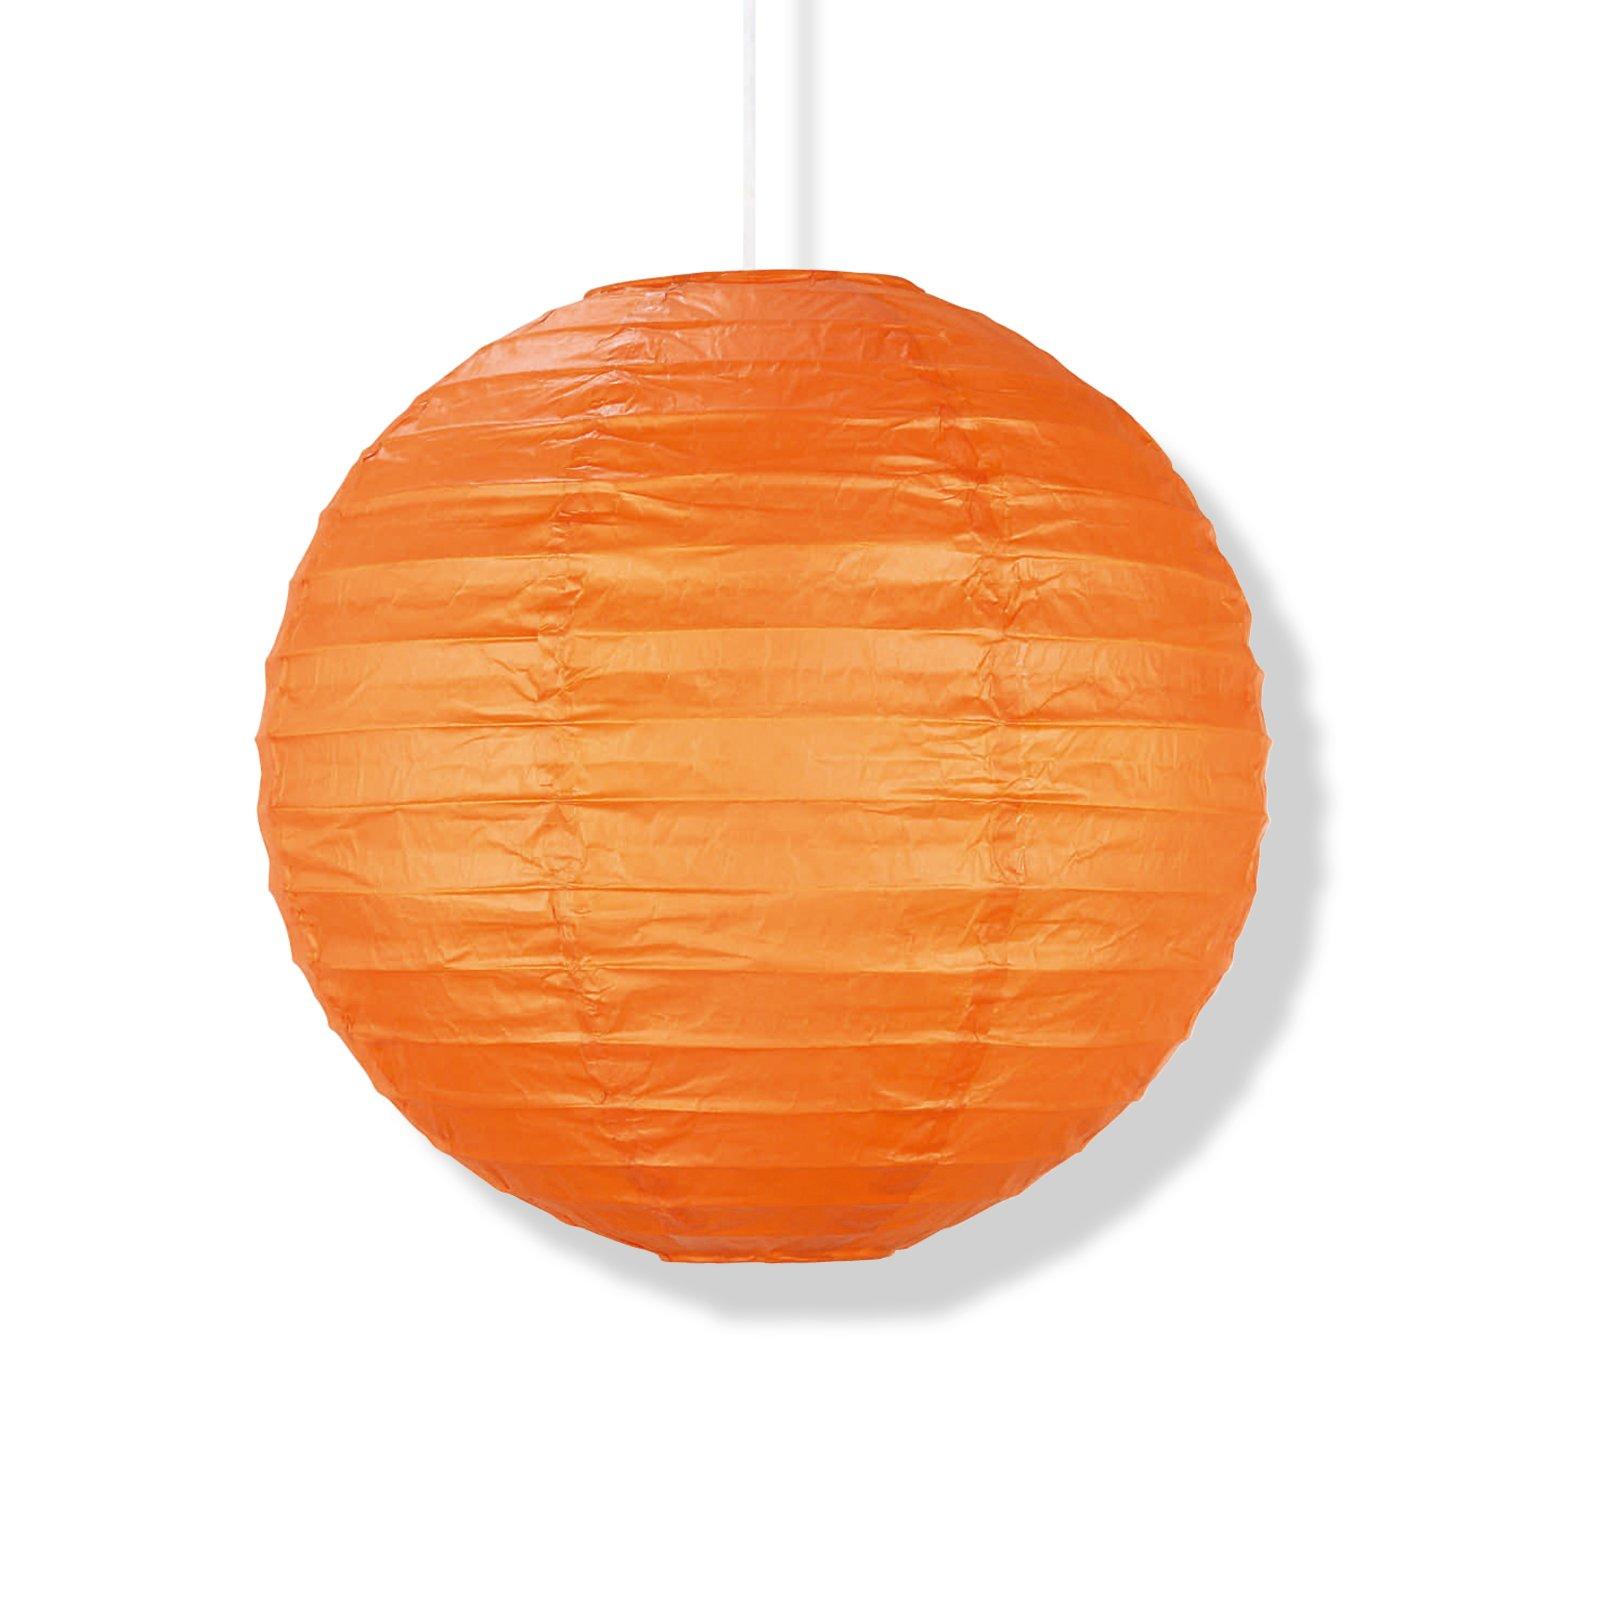 japanballon orange 40 cm gartendekoration. Black Bedroom Furniture Sets. Home Design Ideas